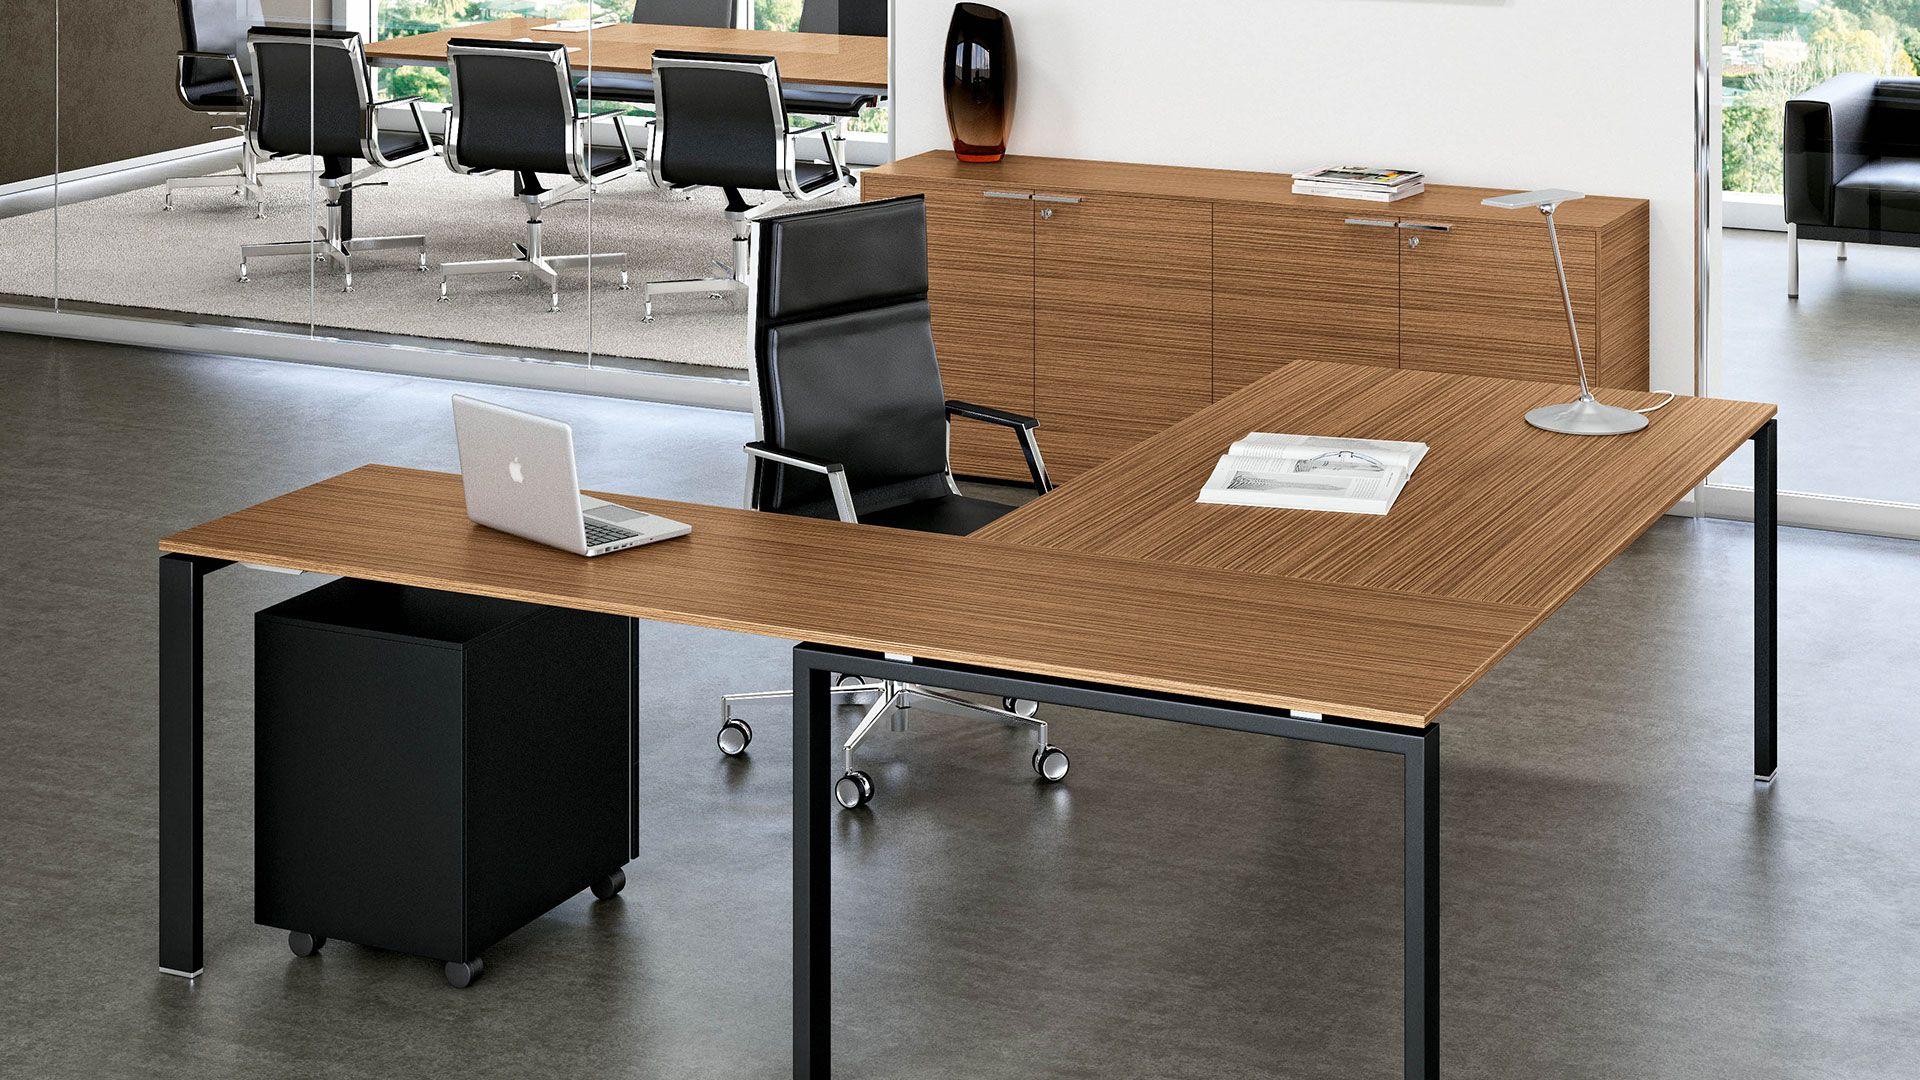 Schreibtischplatte  Chefschreibtisch Winkelkombination Chefbuero mit Schreibtisch ...